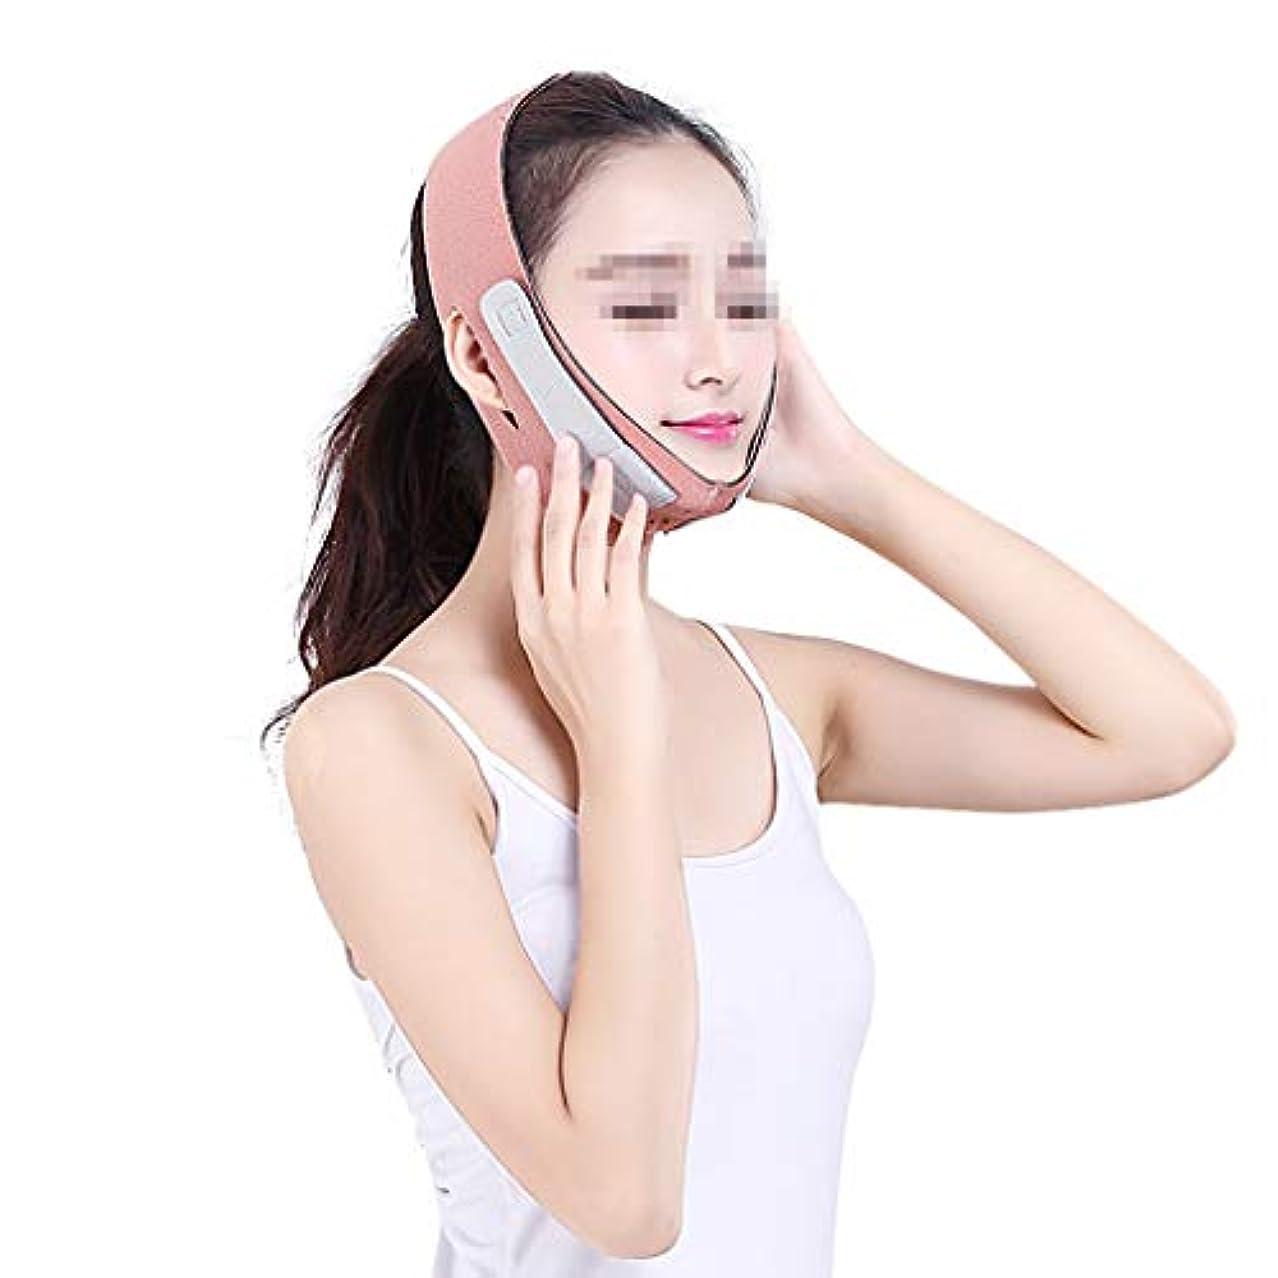 イチゴピュードナーXHLMRMJ 顔の持ち上がる睡眠のV顔の包帯、マスクの顔の顔のマッサージャーのあごの顔の持ち上がる顔の持ち上がる顔の持ち上がる機械